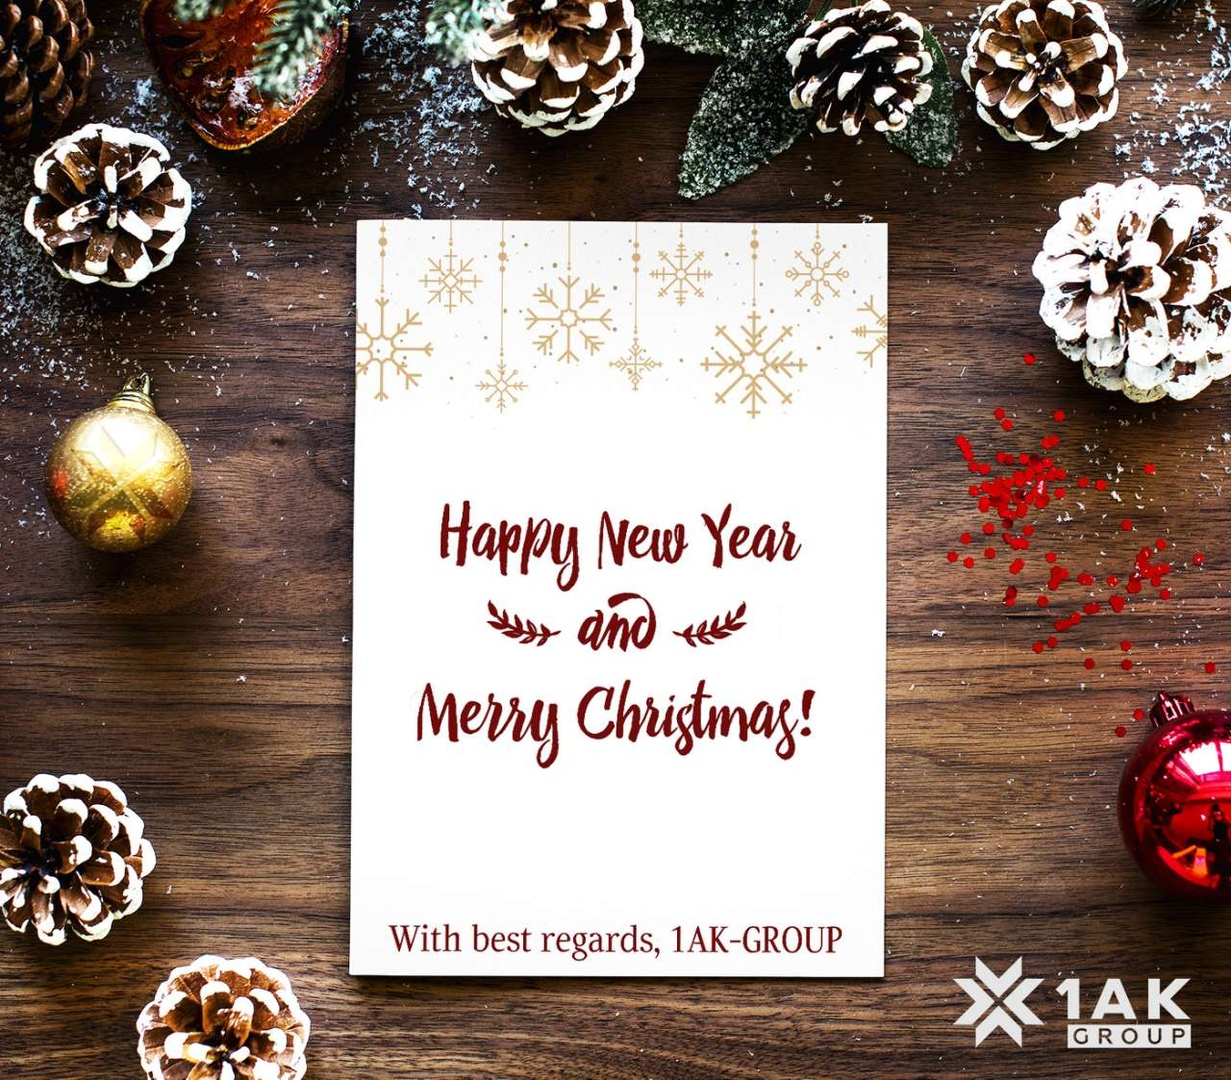 Брестчане поздравляют друг друга с наступающим Новым 2019 годом!